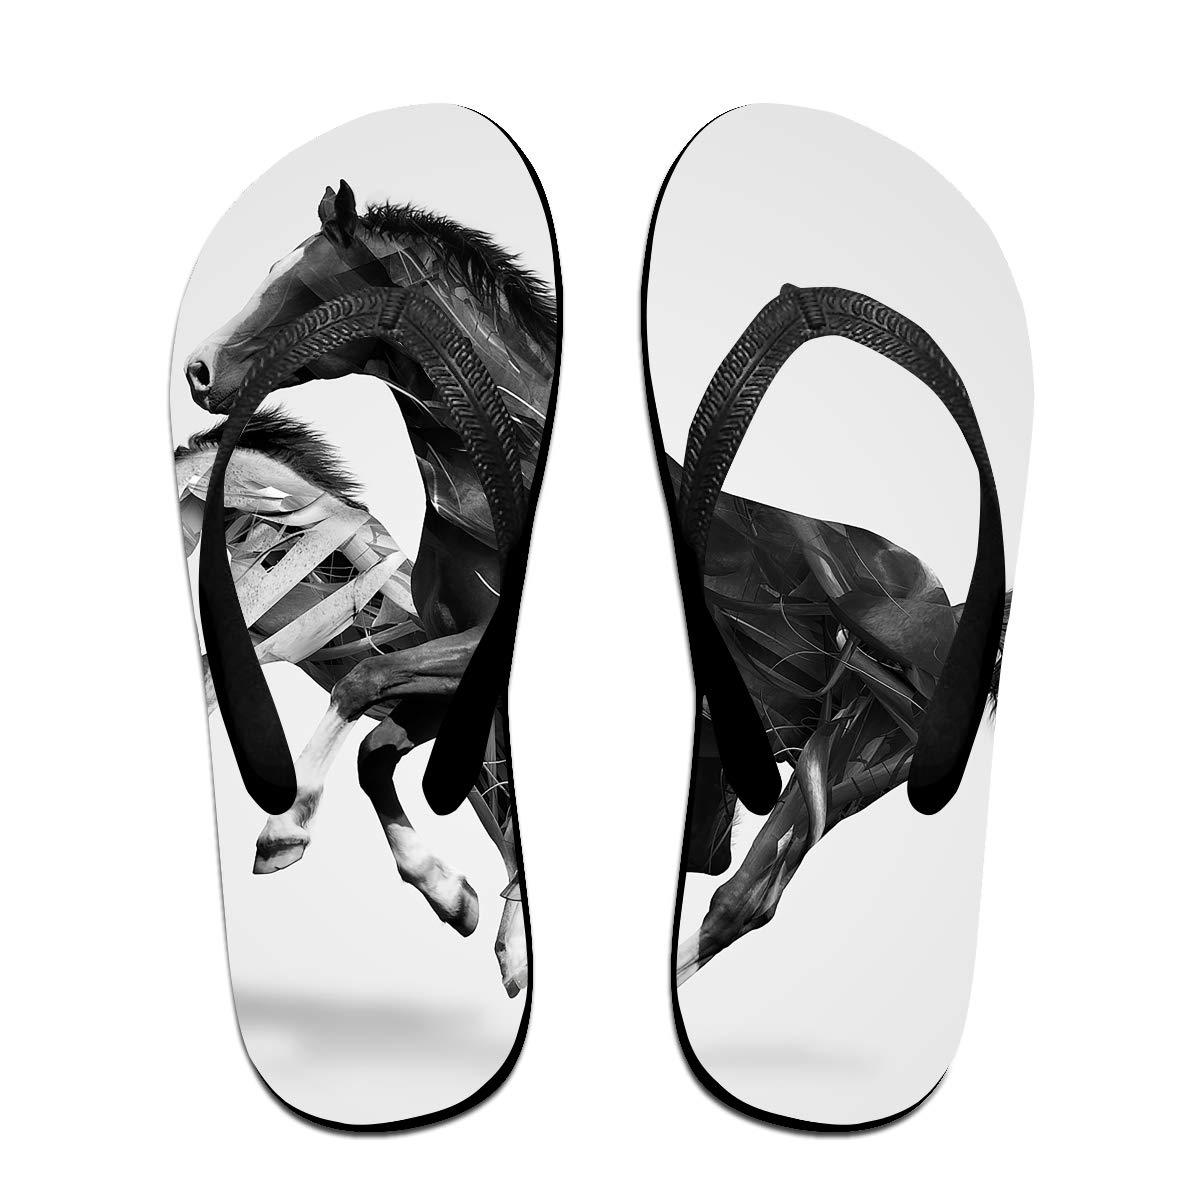 Couple Slipper Horse Artist Print Flip Flops Unisex Chic Sandals Rubber Non-Slip House Thong Slippers